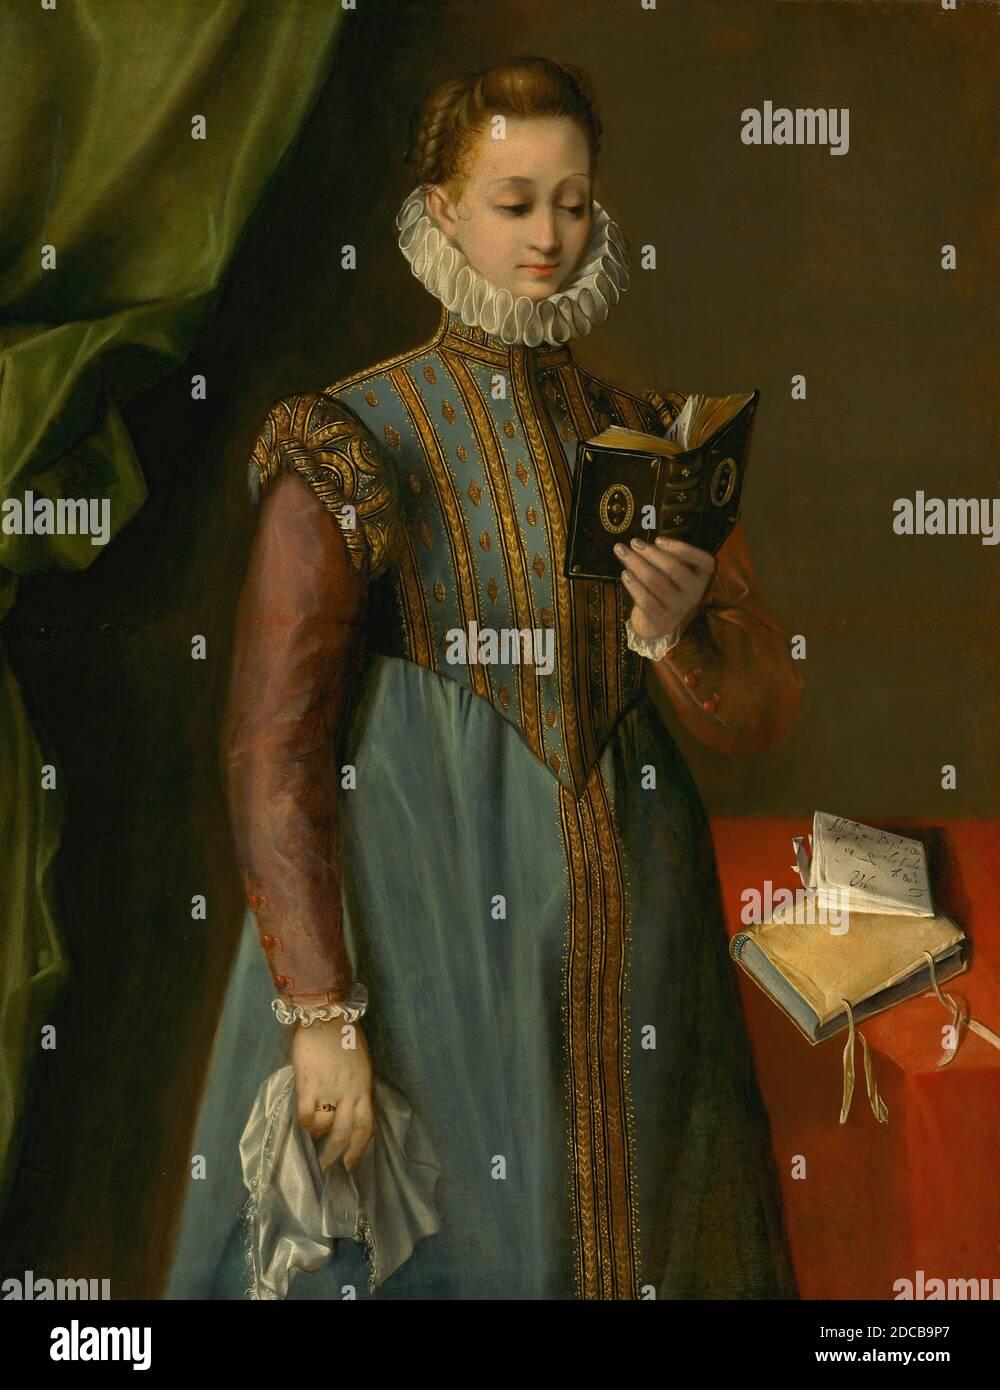 Federico Barocci, (artiste), italien, probablement 1535 - 1612, Quintilia Fischieri, probablement c. 1600, huile sur toile, hors tout : 123.8 x 95.3 cm (48 3/4 x 37 1/2 in.), encadré : 161.9 x 135.9 x 14 cm (63 3/4 x 53 1/2 x 5 1/2 in Banque D'Images